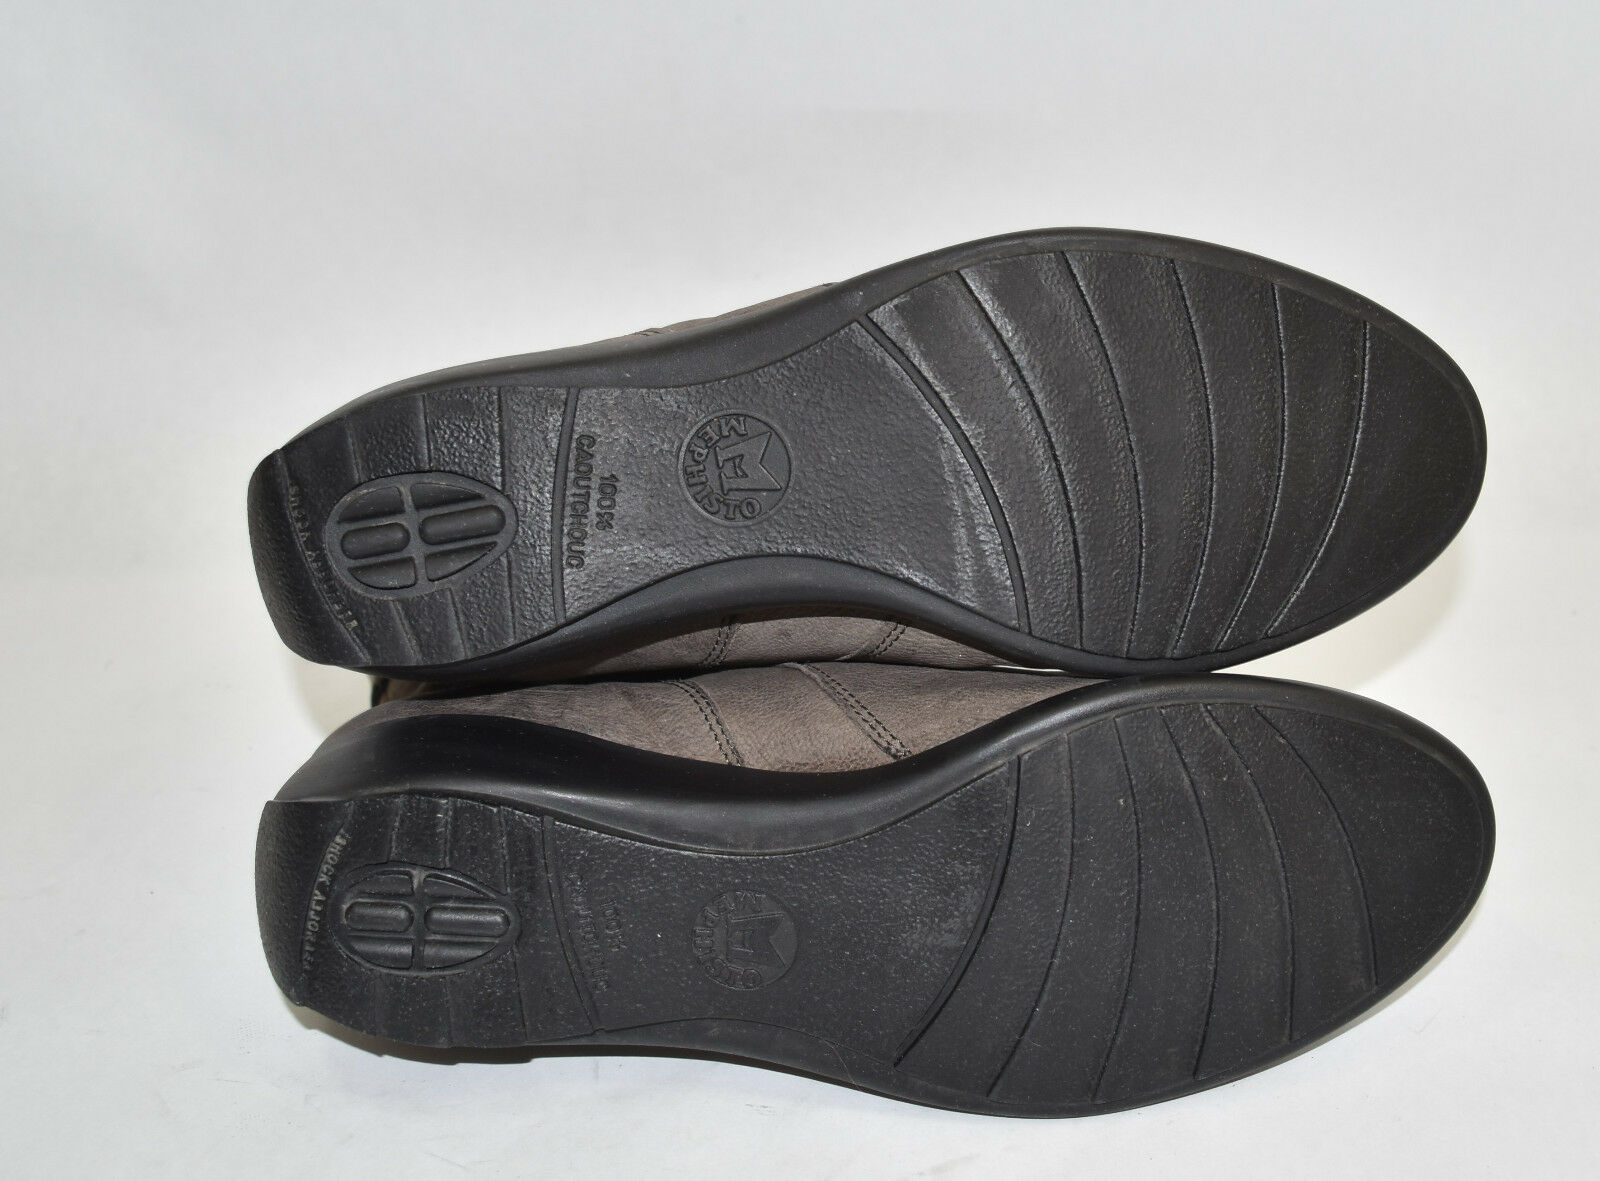 Mephisto 'Seddy' Wedge Bootie Pewter  Leder $400  Size 8 US $400 Leder a94274